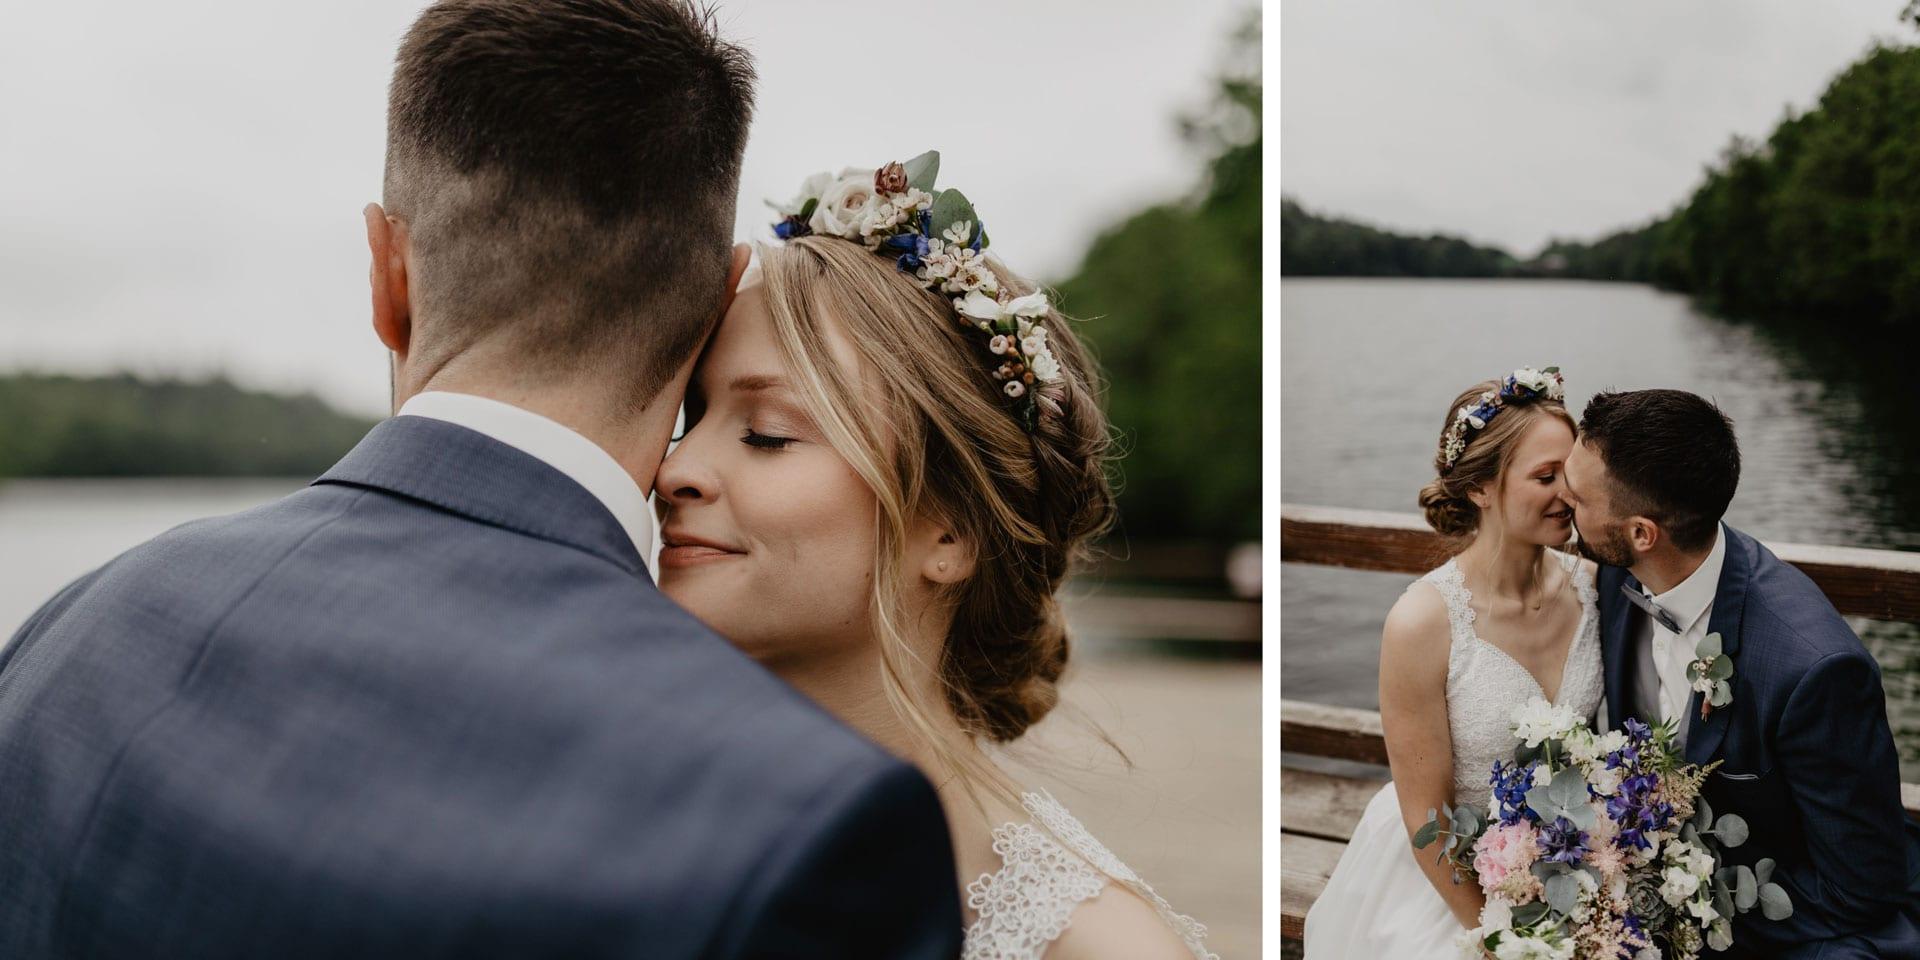 Brautpaar Fotoshooting an einem See in Biesenthal Wukensee bei Berlin